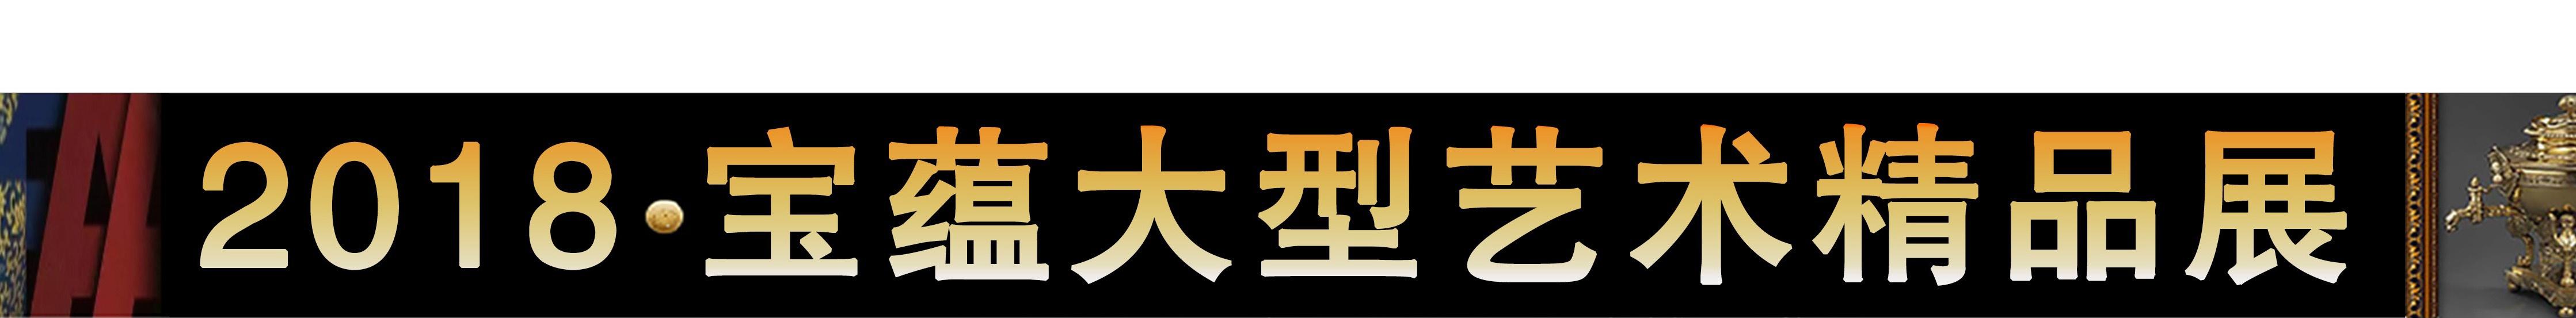 重慶袁大頭鑒定:2018寶蘊大型藝術品精品展